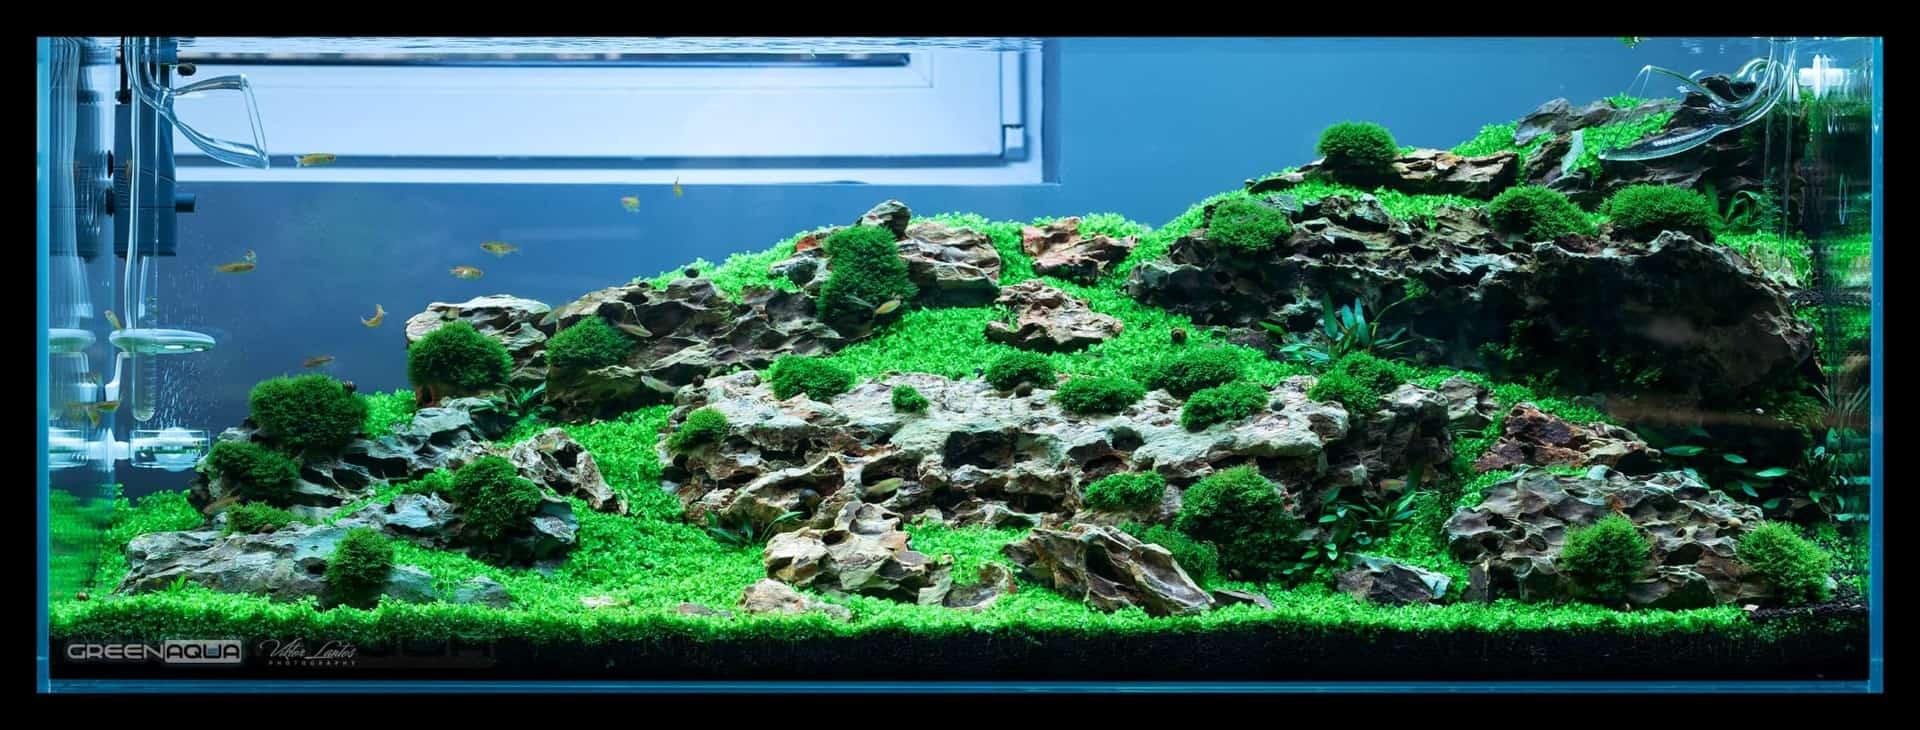 174 Green Aqua 2.0 (Volker Jochum) 4